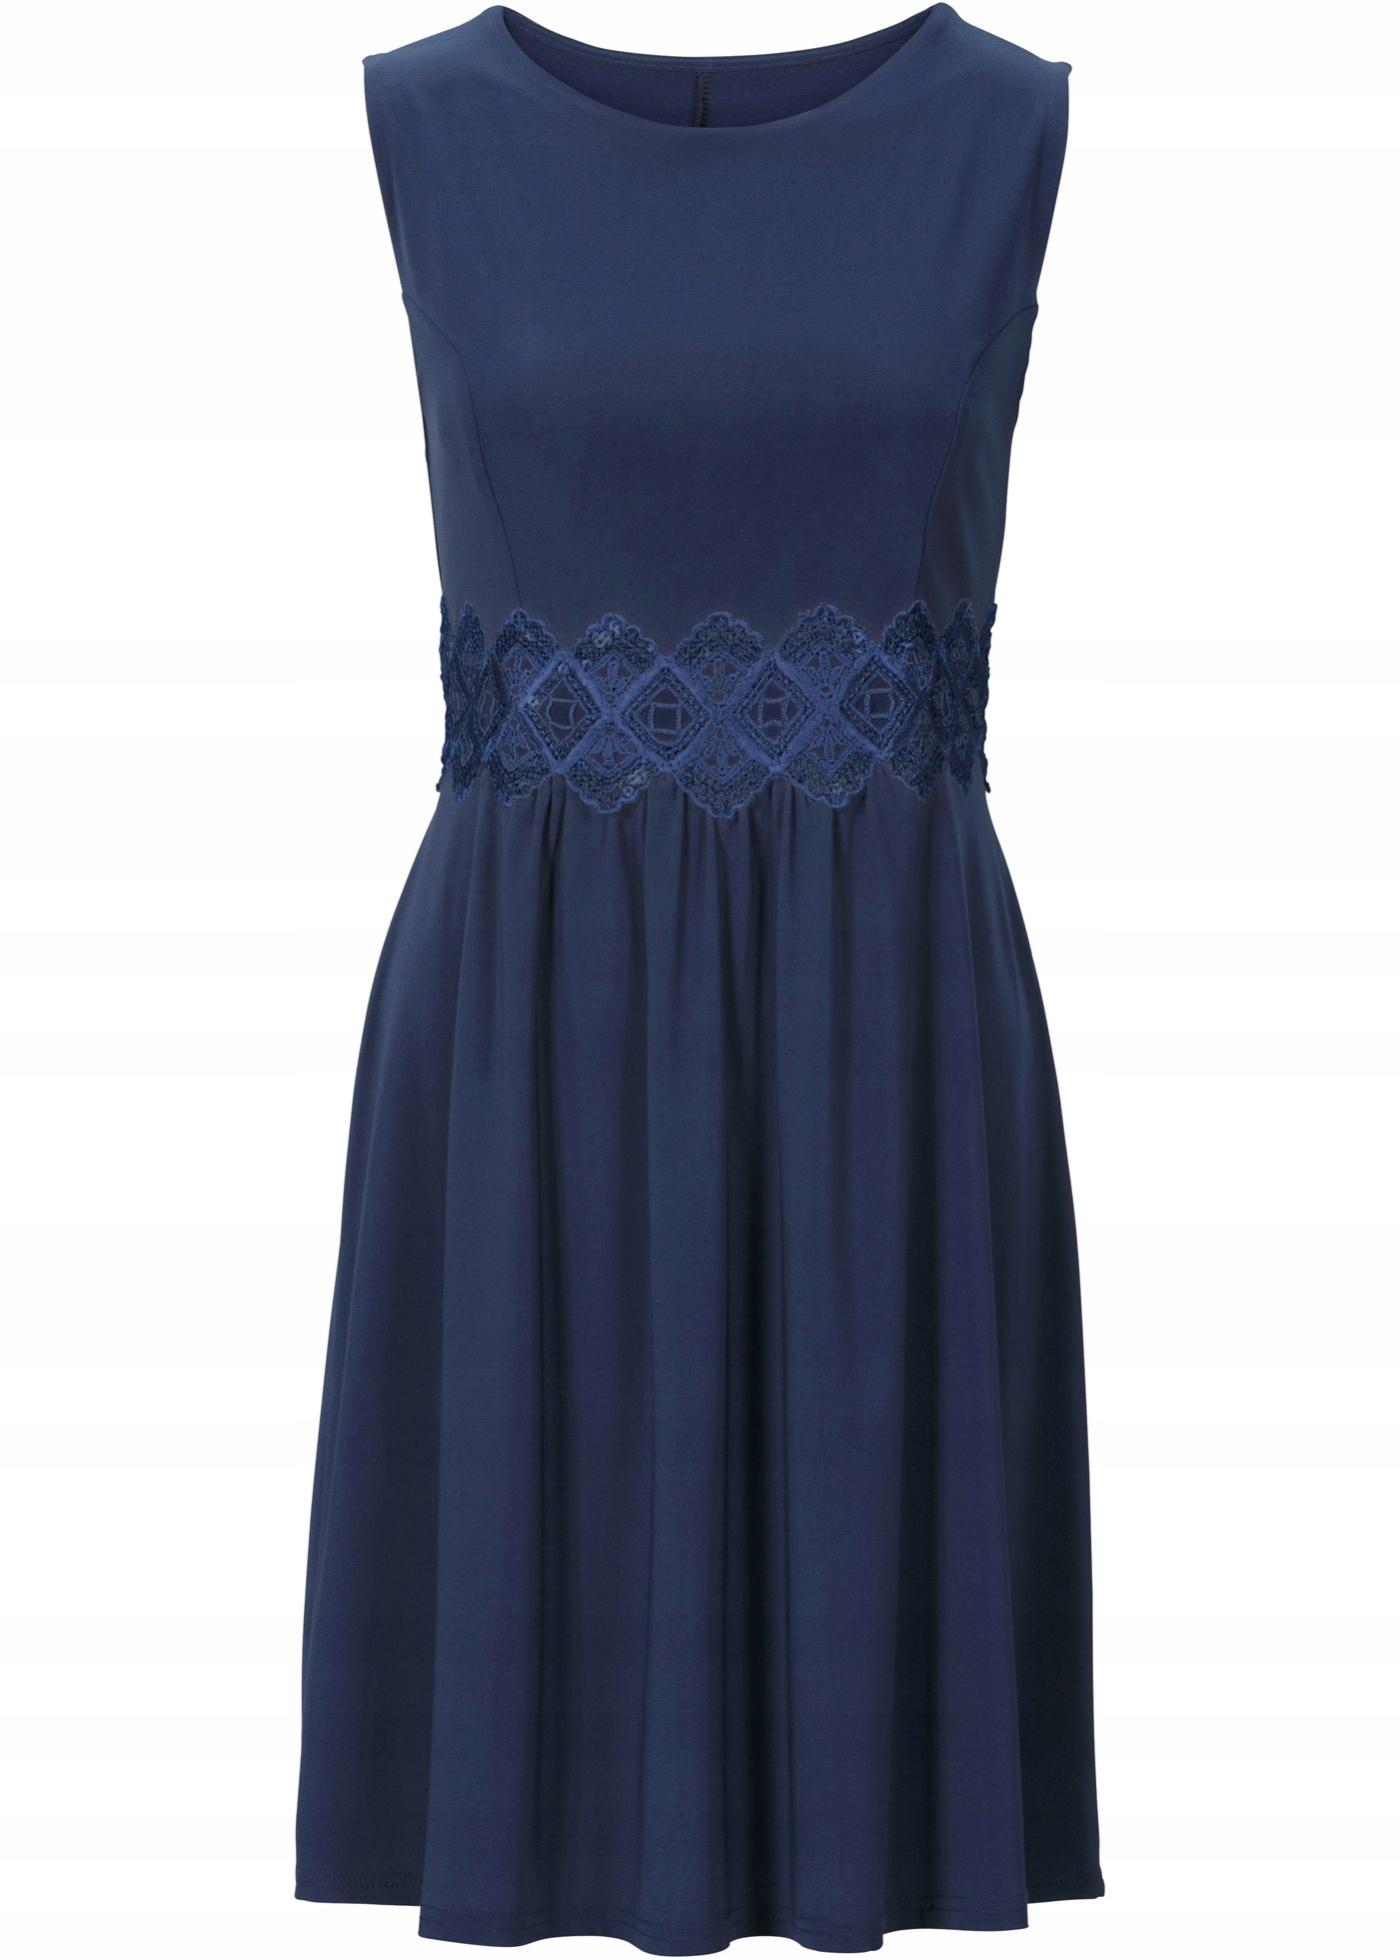 bf432ee06f J375 BPC Sukienka z koronkową wstawką r.44 46 - 7627943008 - oficjalne  archiwum allegro